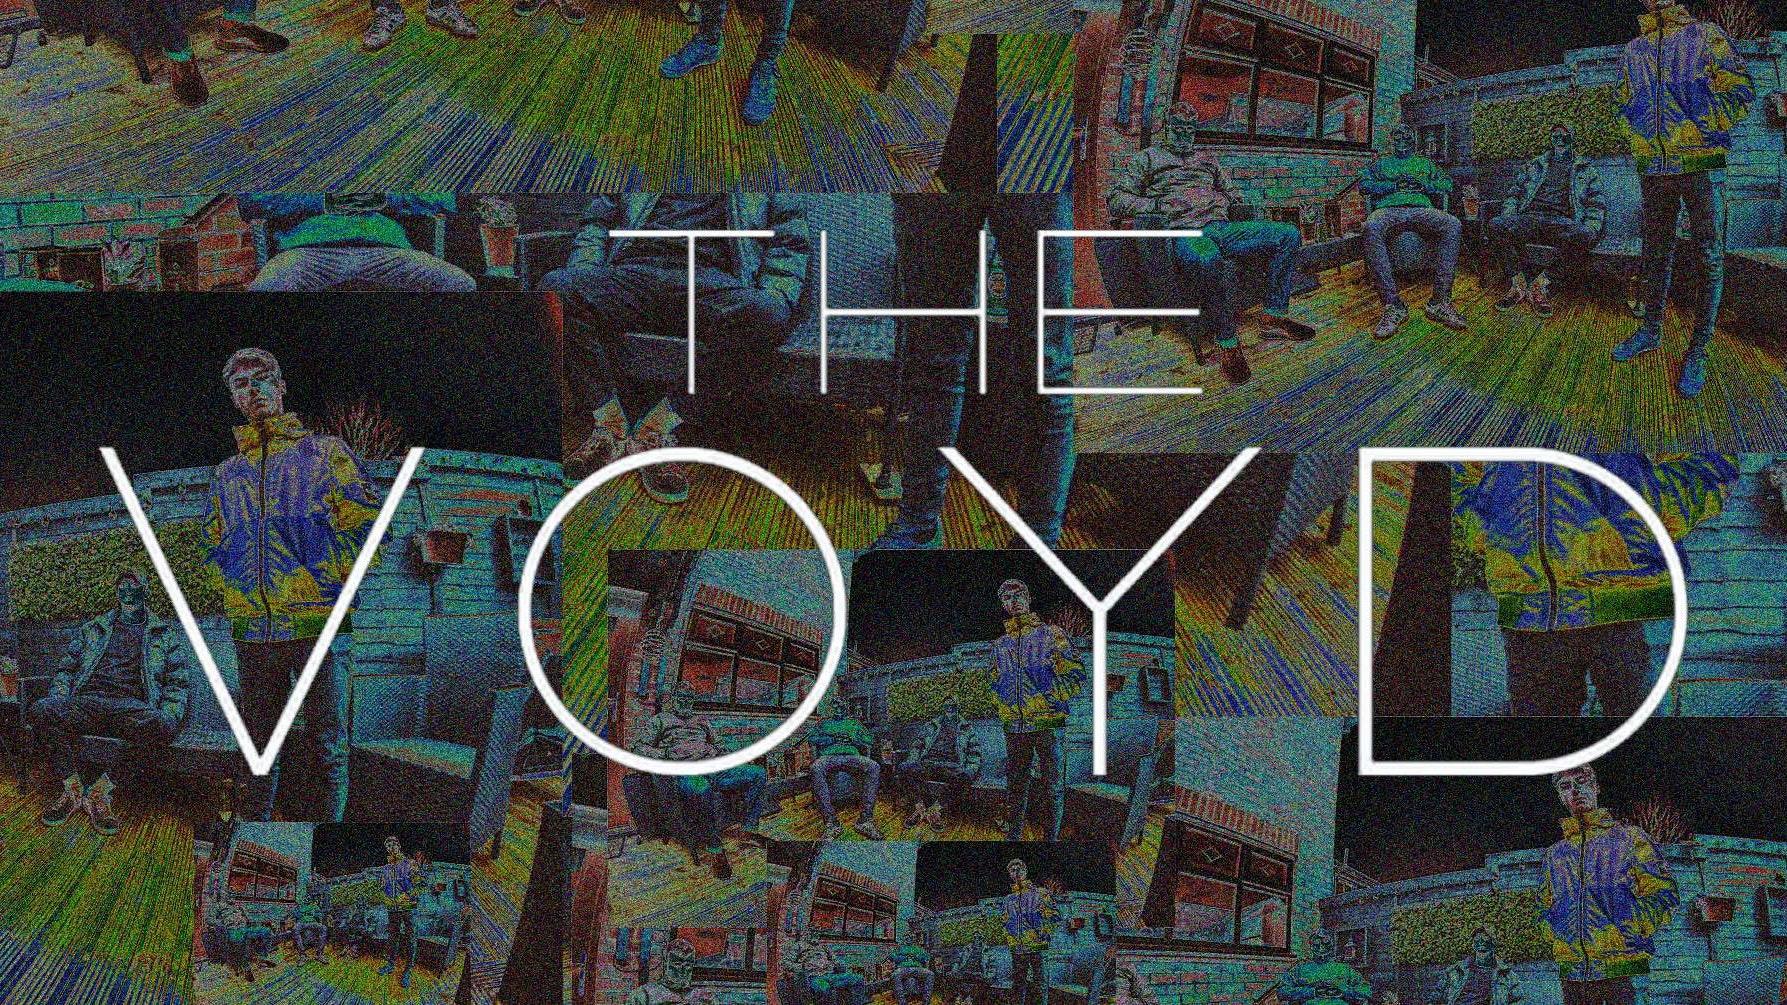 The Voyd | Independent, Sunderland